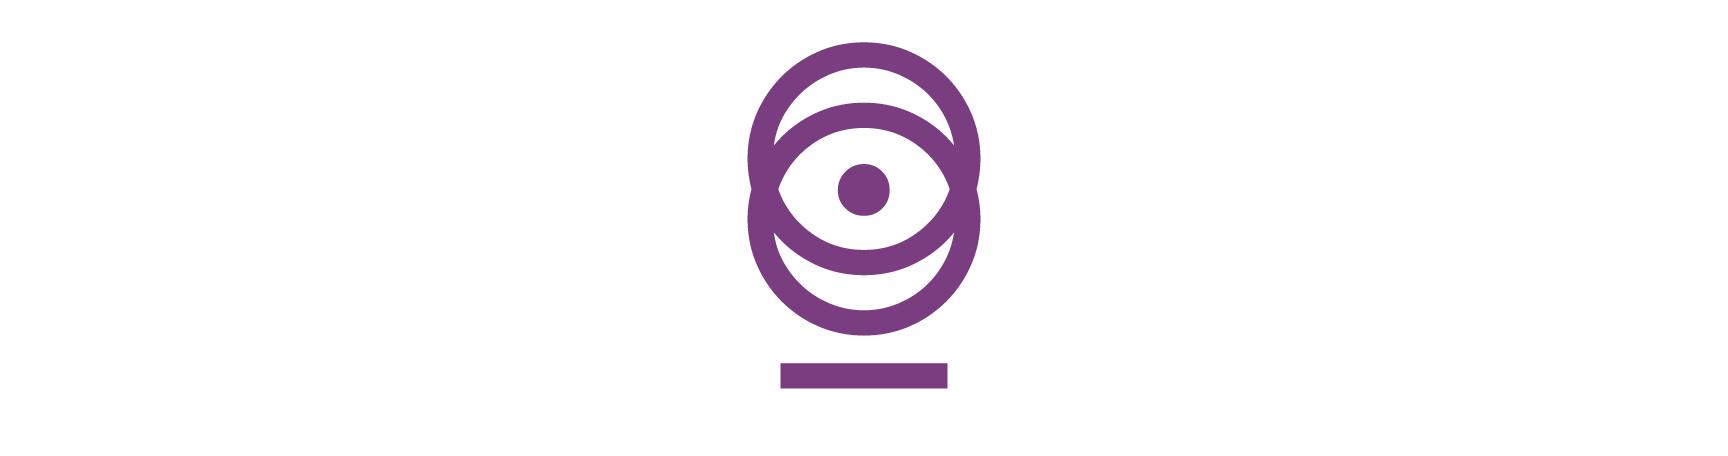 icono-logo